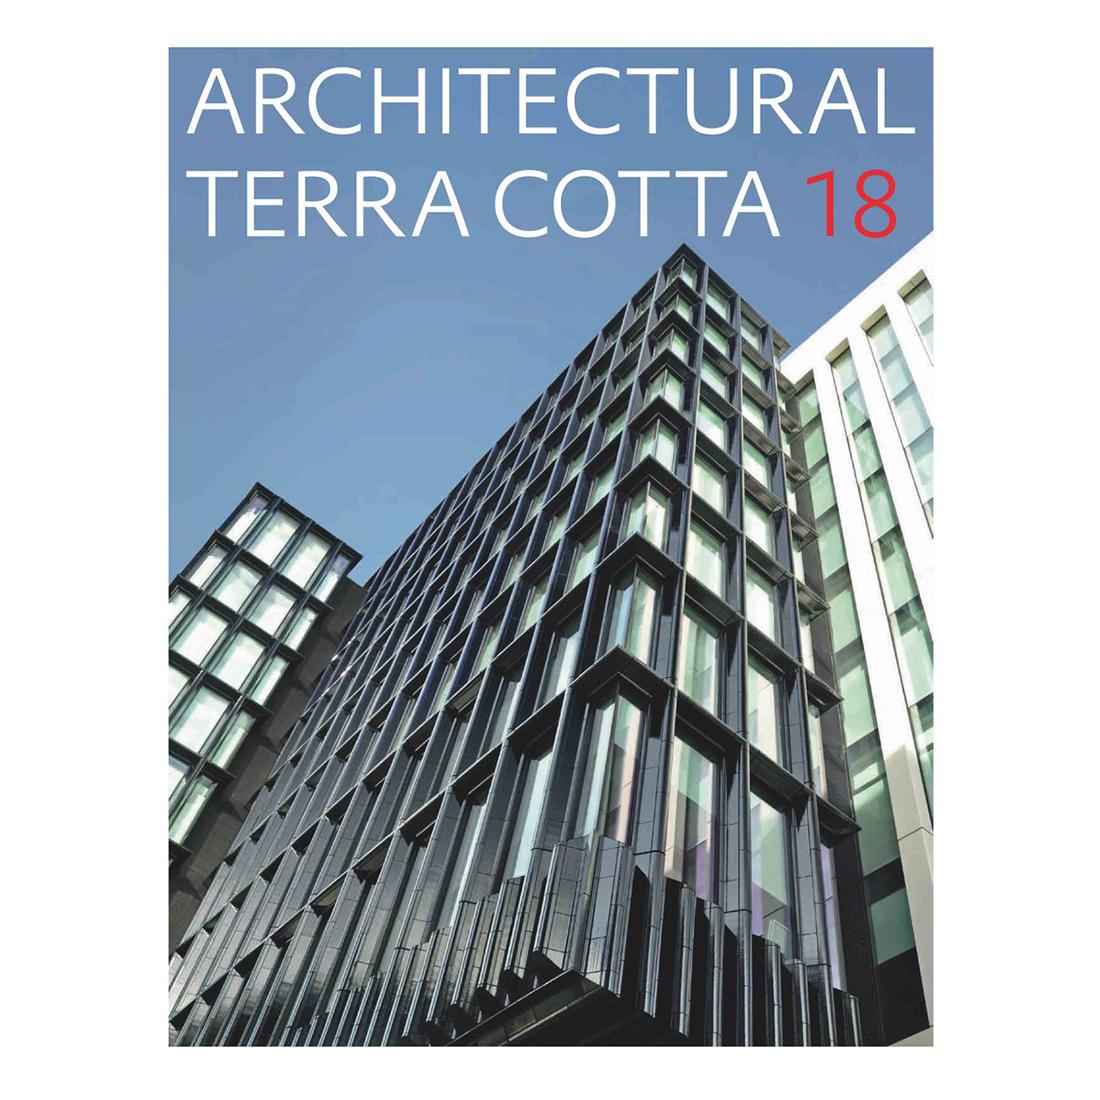 ARCHITECTURAL TERRA COTTA 18 | Brenac & Gonzalez et Associés